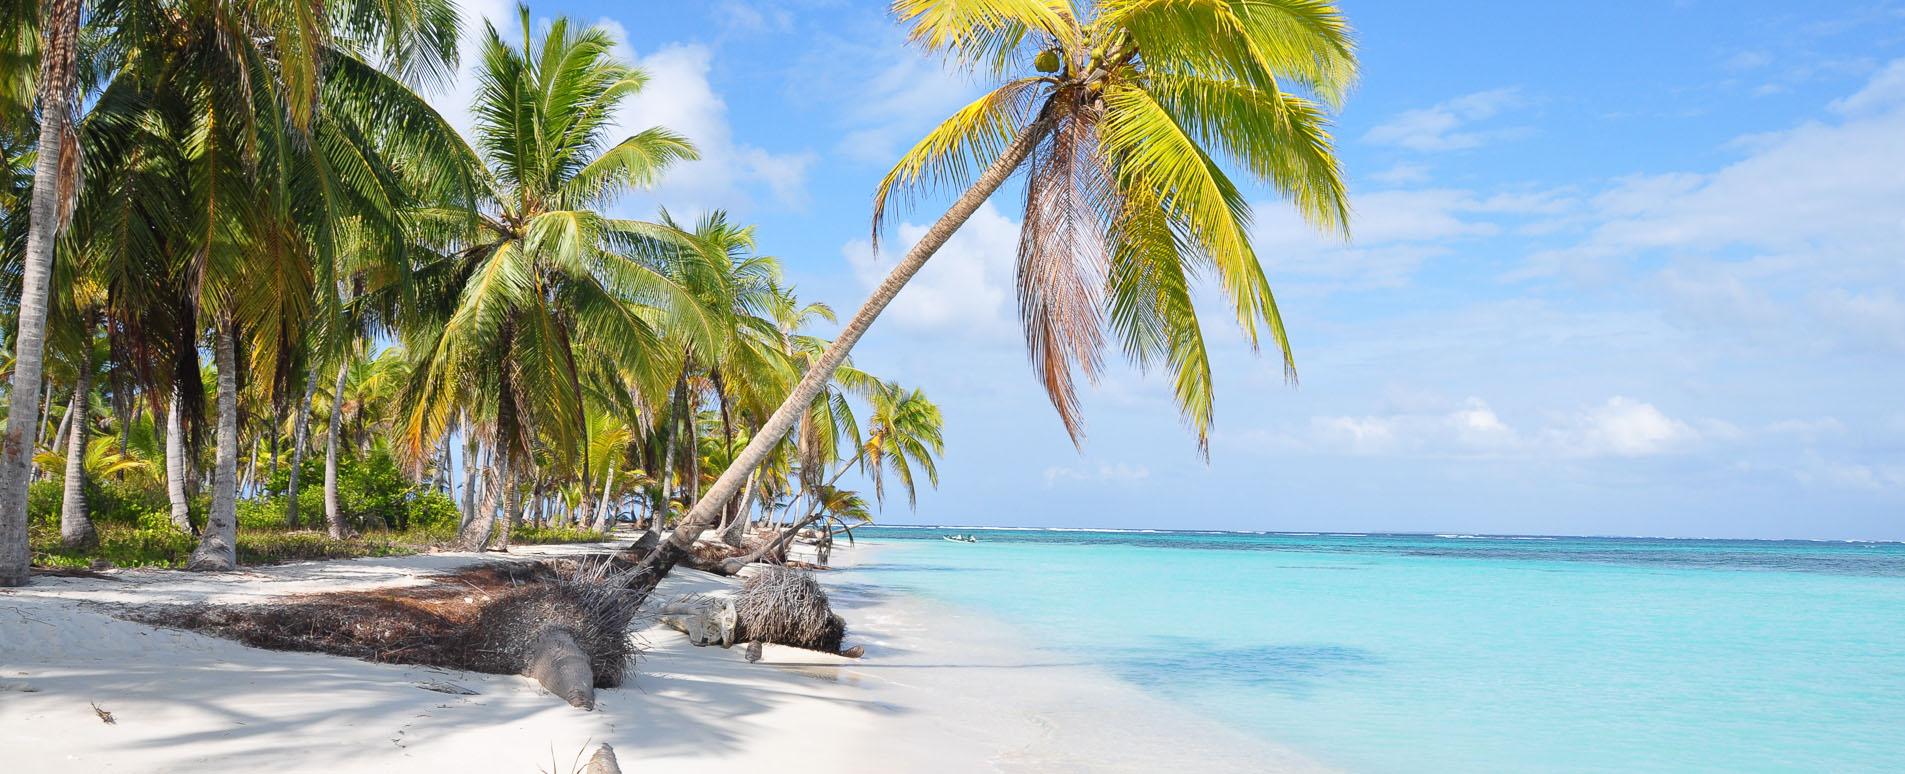 Картинки по запросу Panama beach